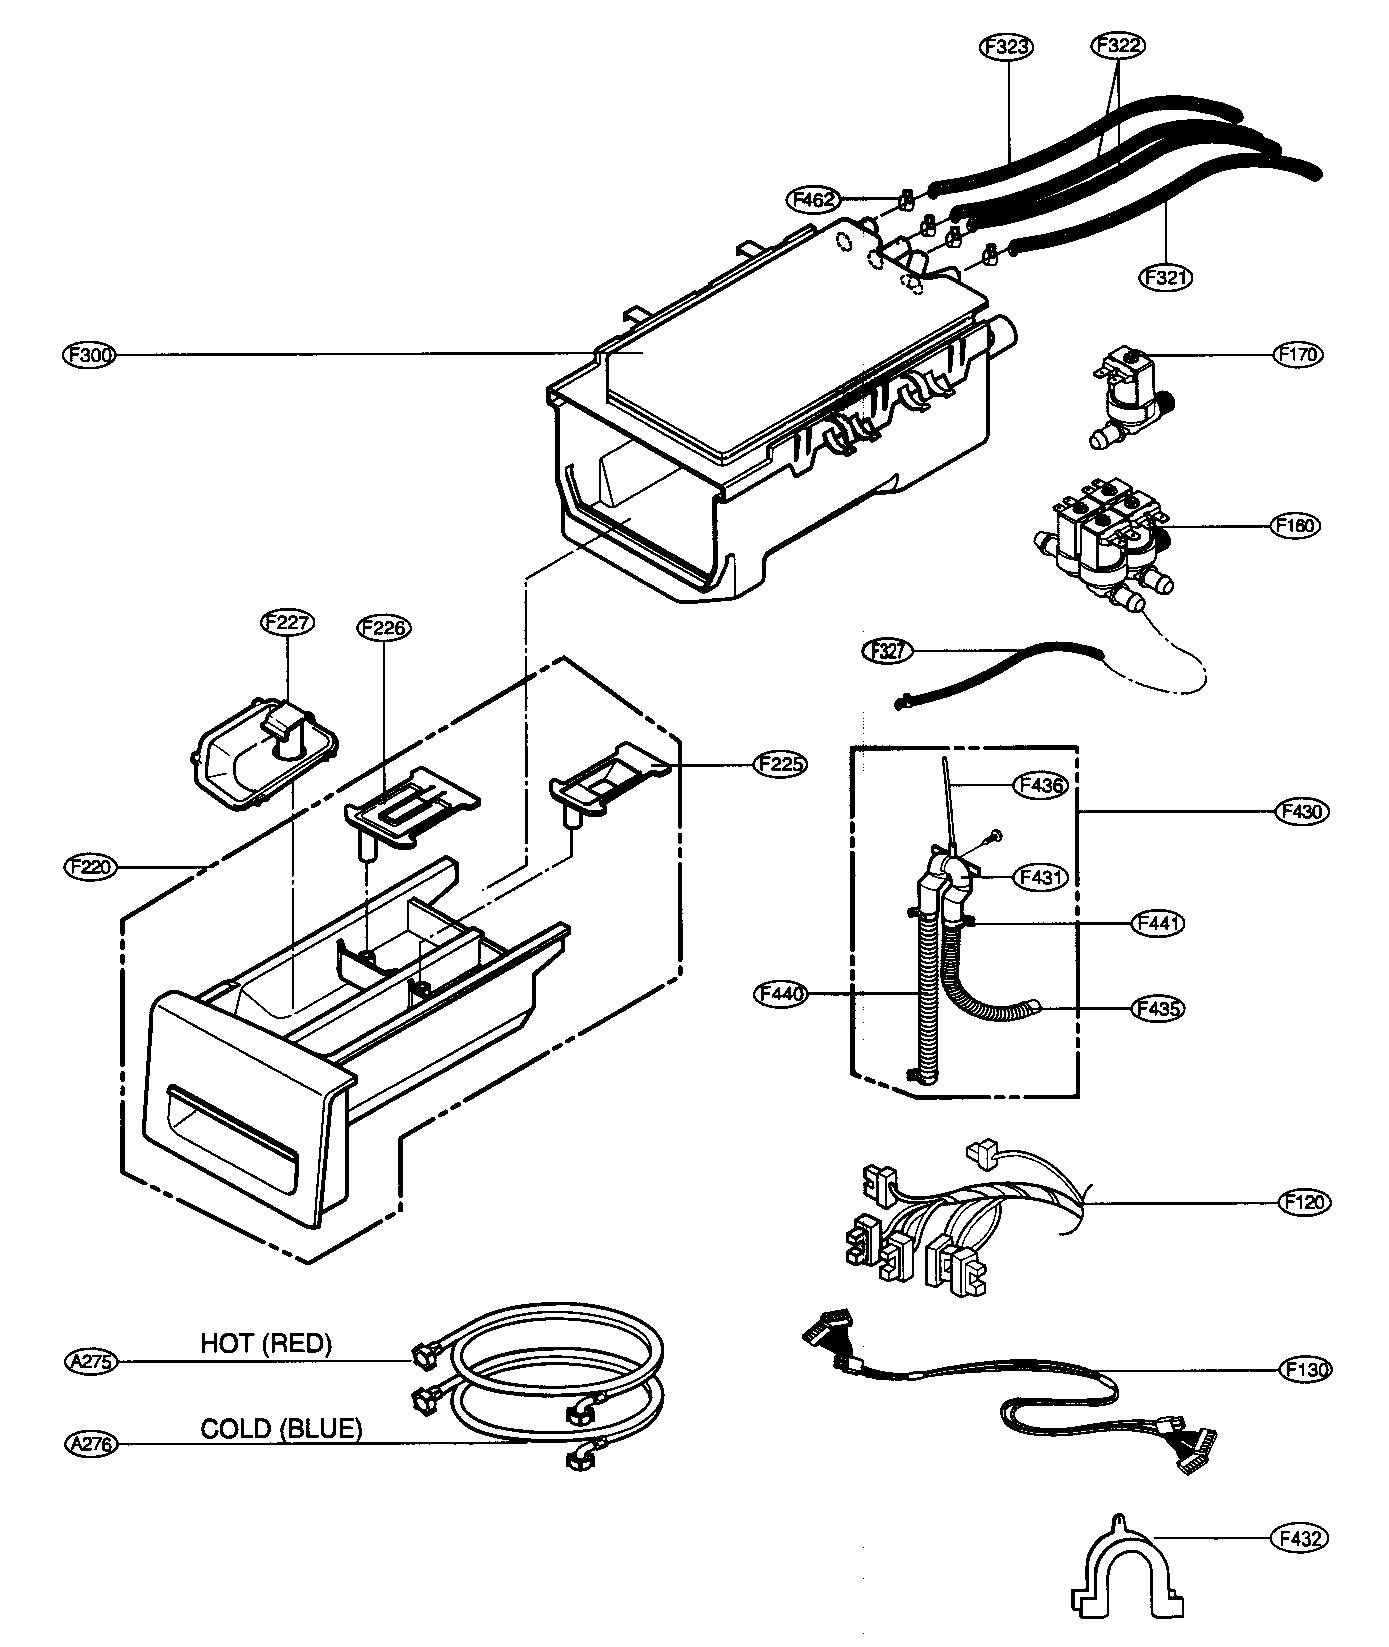 DISPENSER ASSY Diagram & Parts List for Model wm2688hnm LG